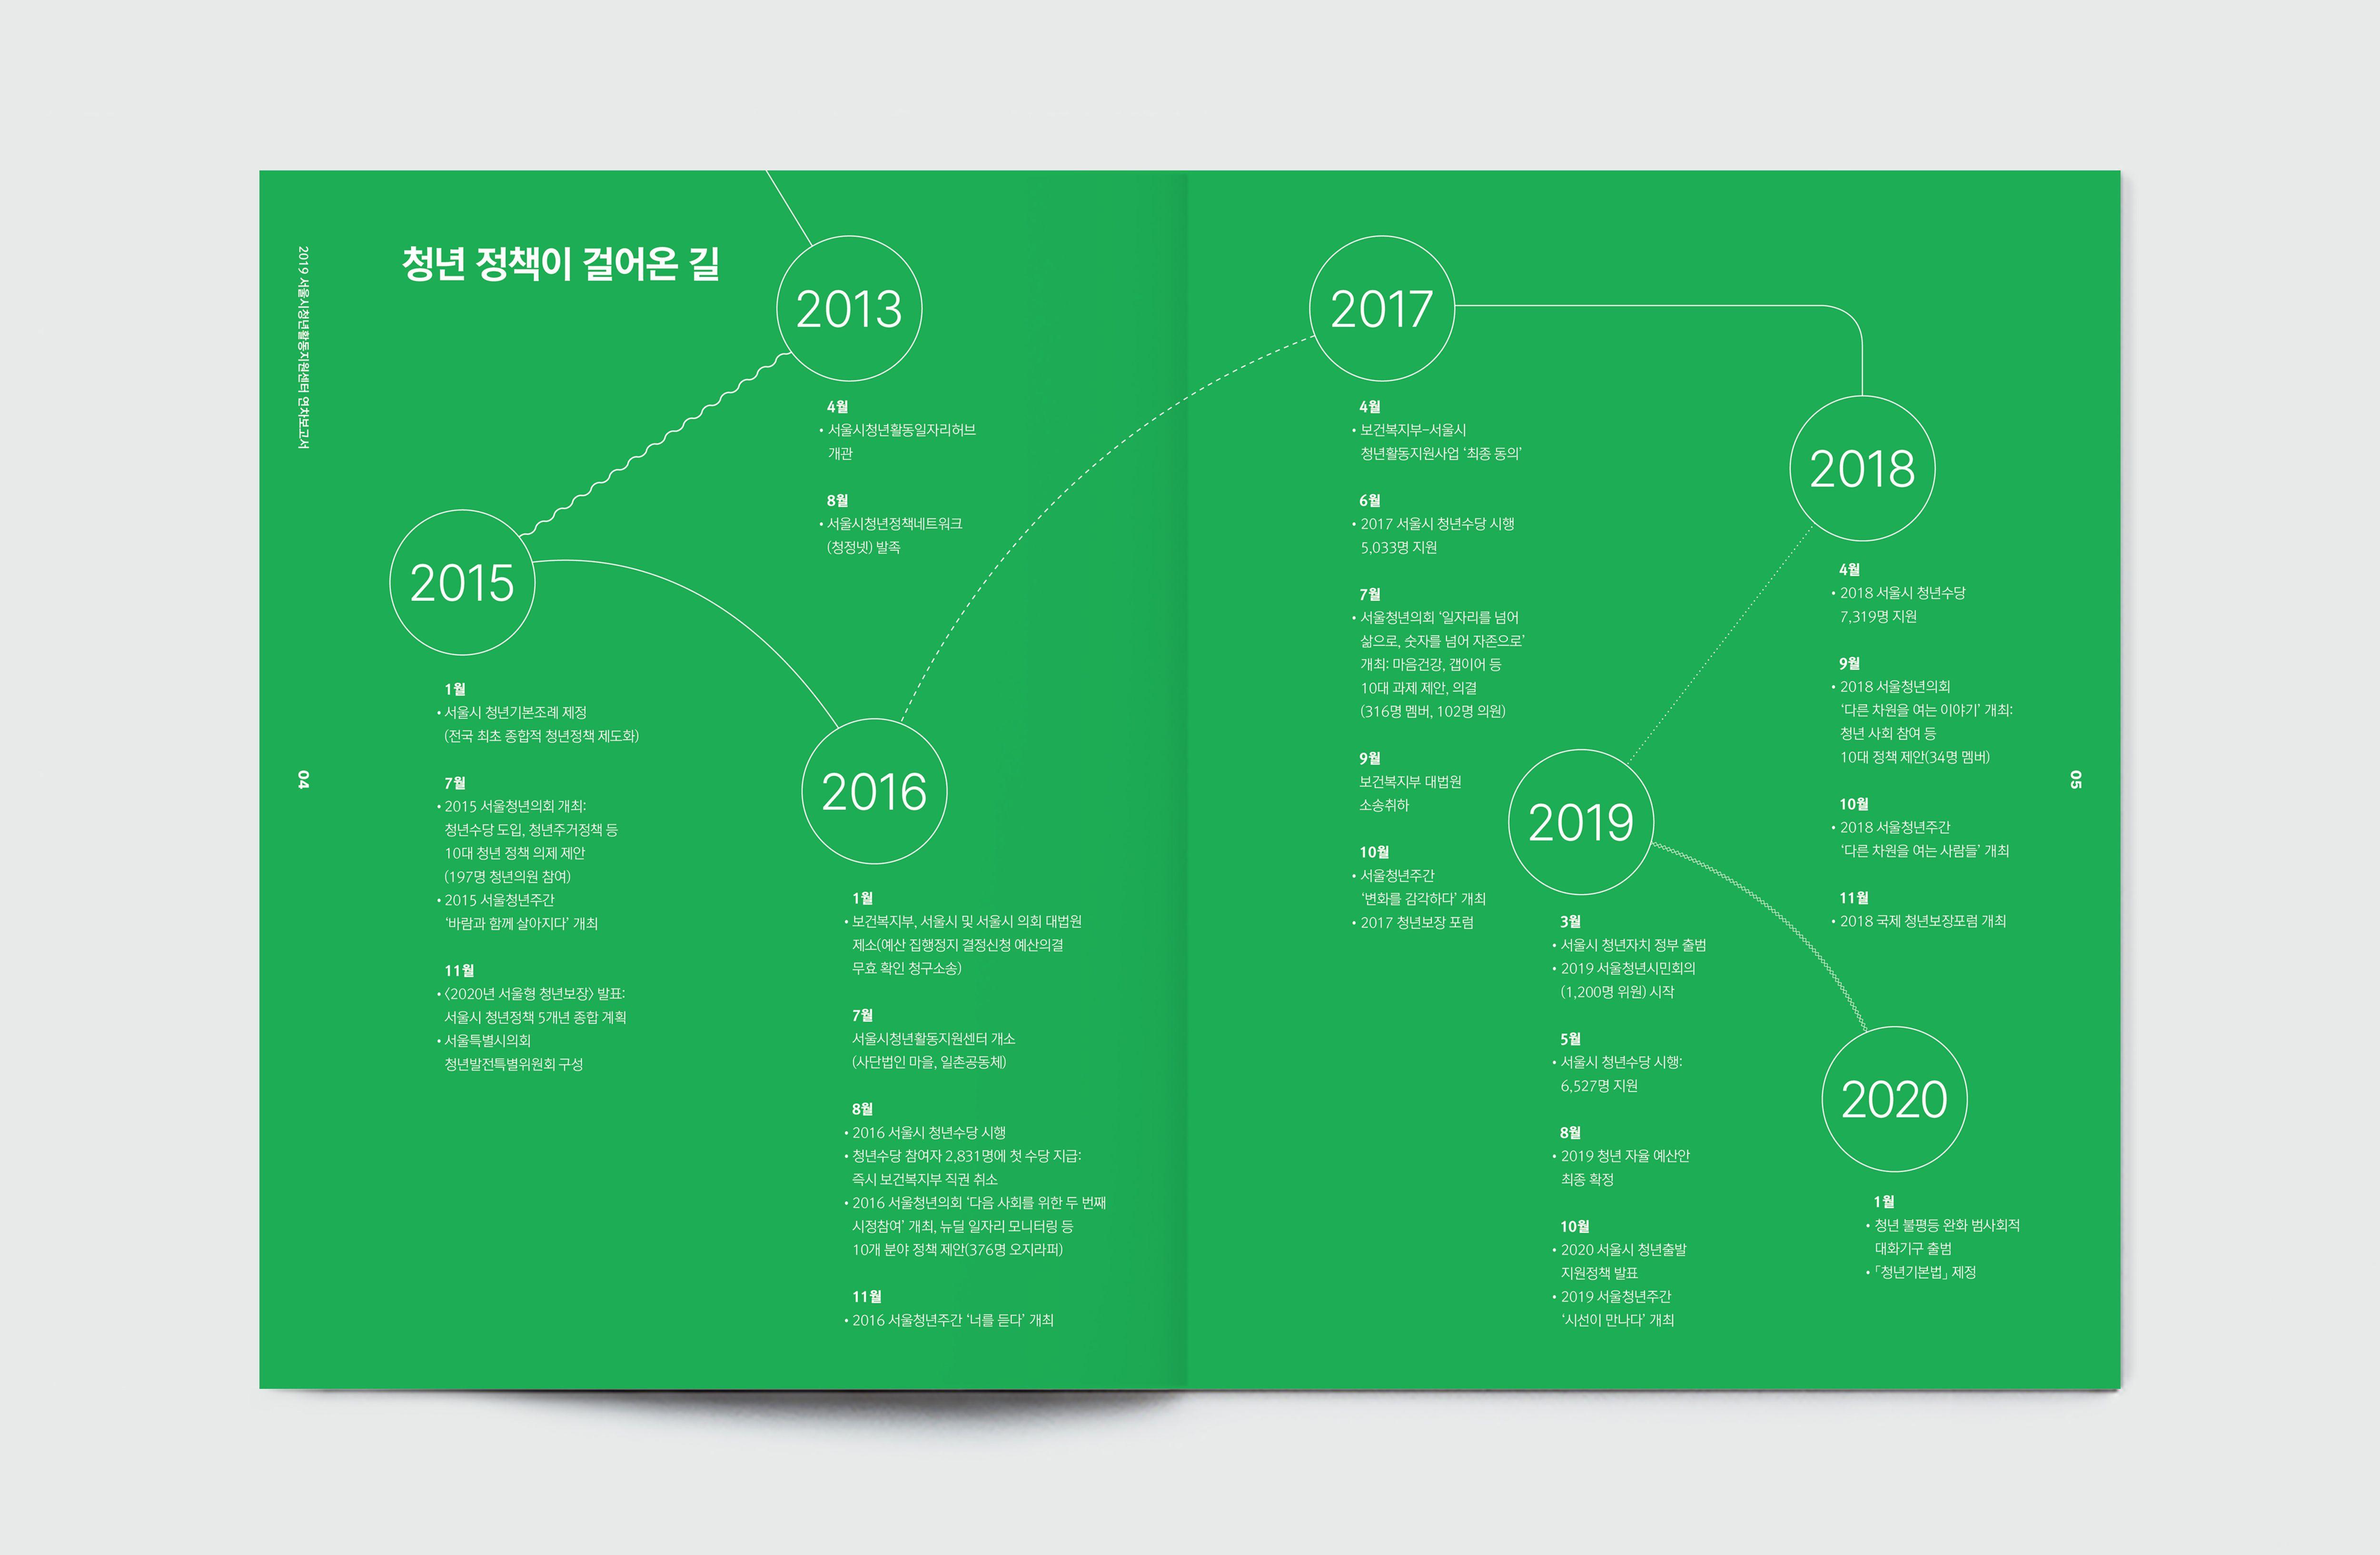 에뉴얼리포트에 있는 Angela Tam님의 핀 2020 디자인